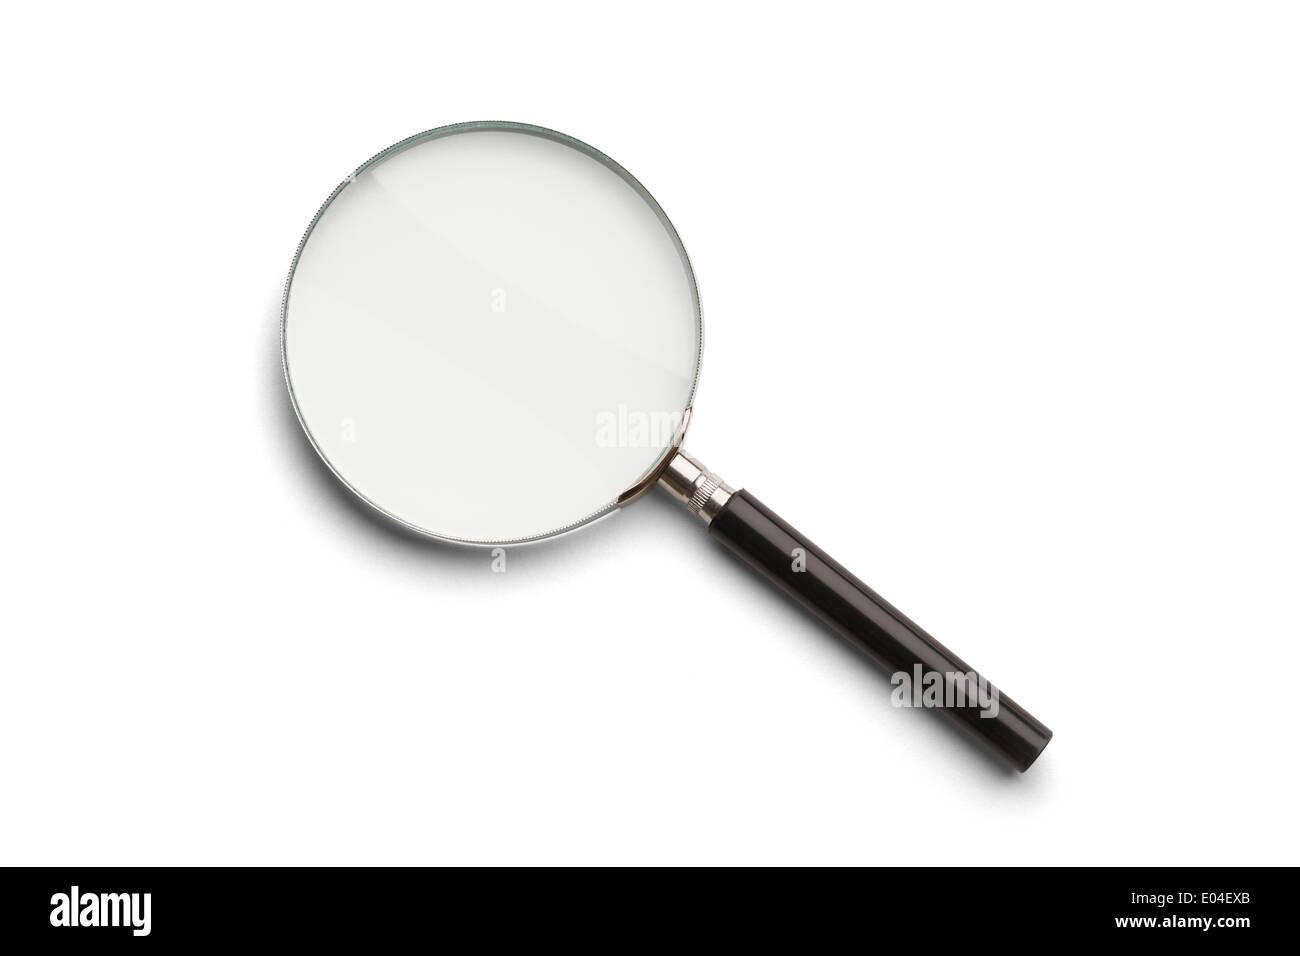 Negro y Plata Lupa aislado sobre un fondo blanco. Imagen De Stock